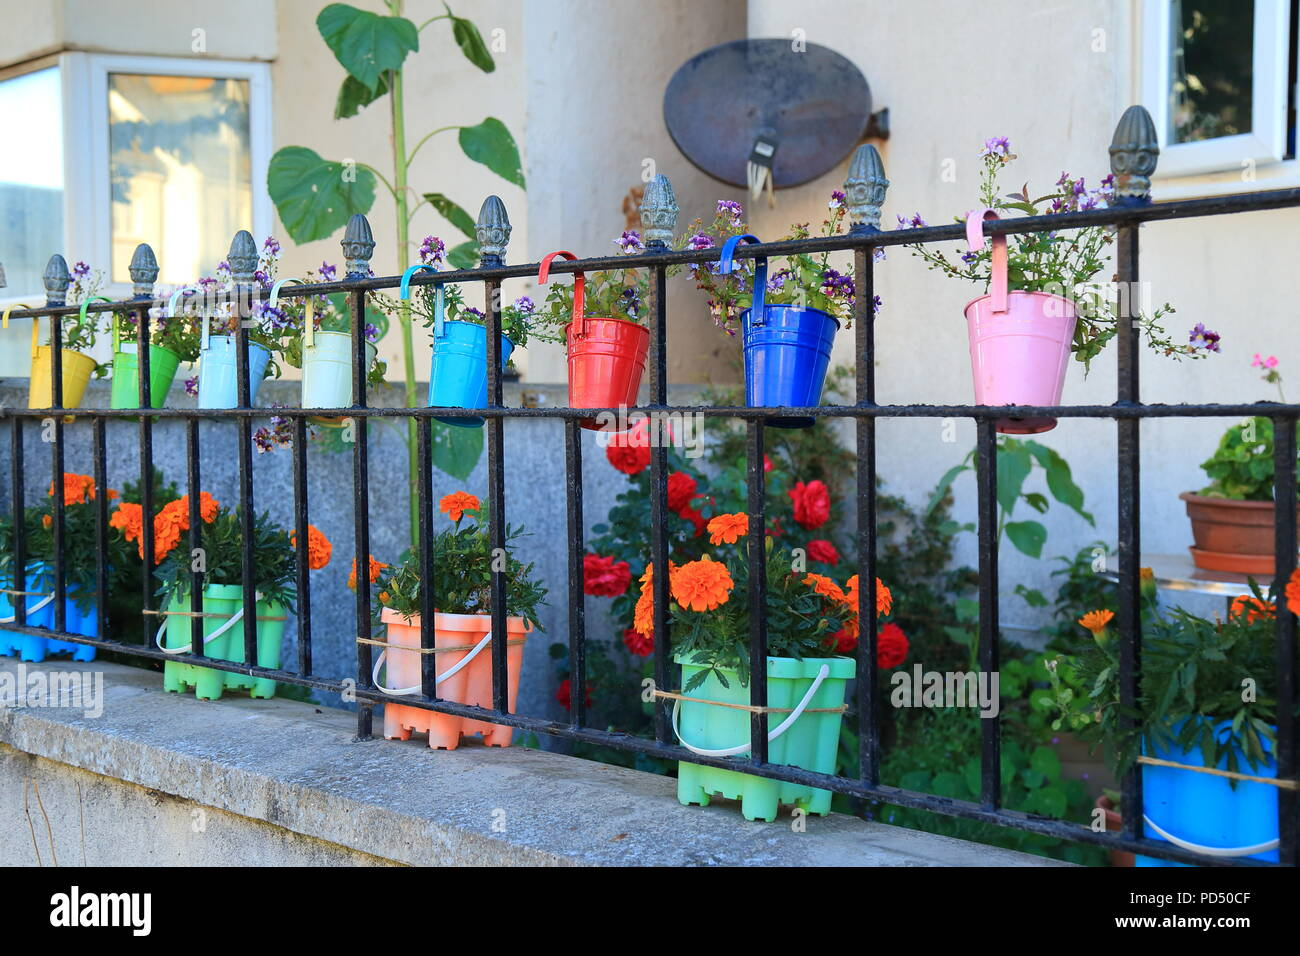 Reihe Von Sehr Bunten Garten Topfe Rund Um Metall Gelander Zaun